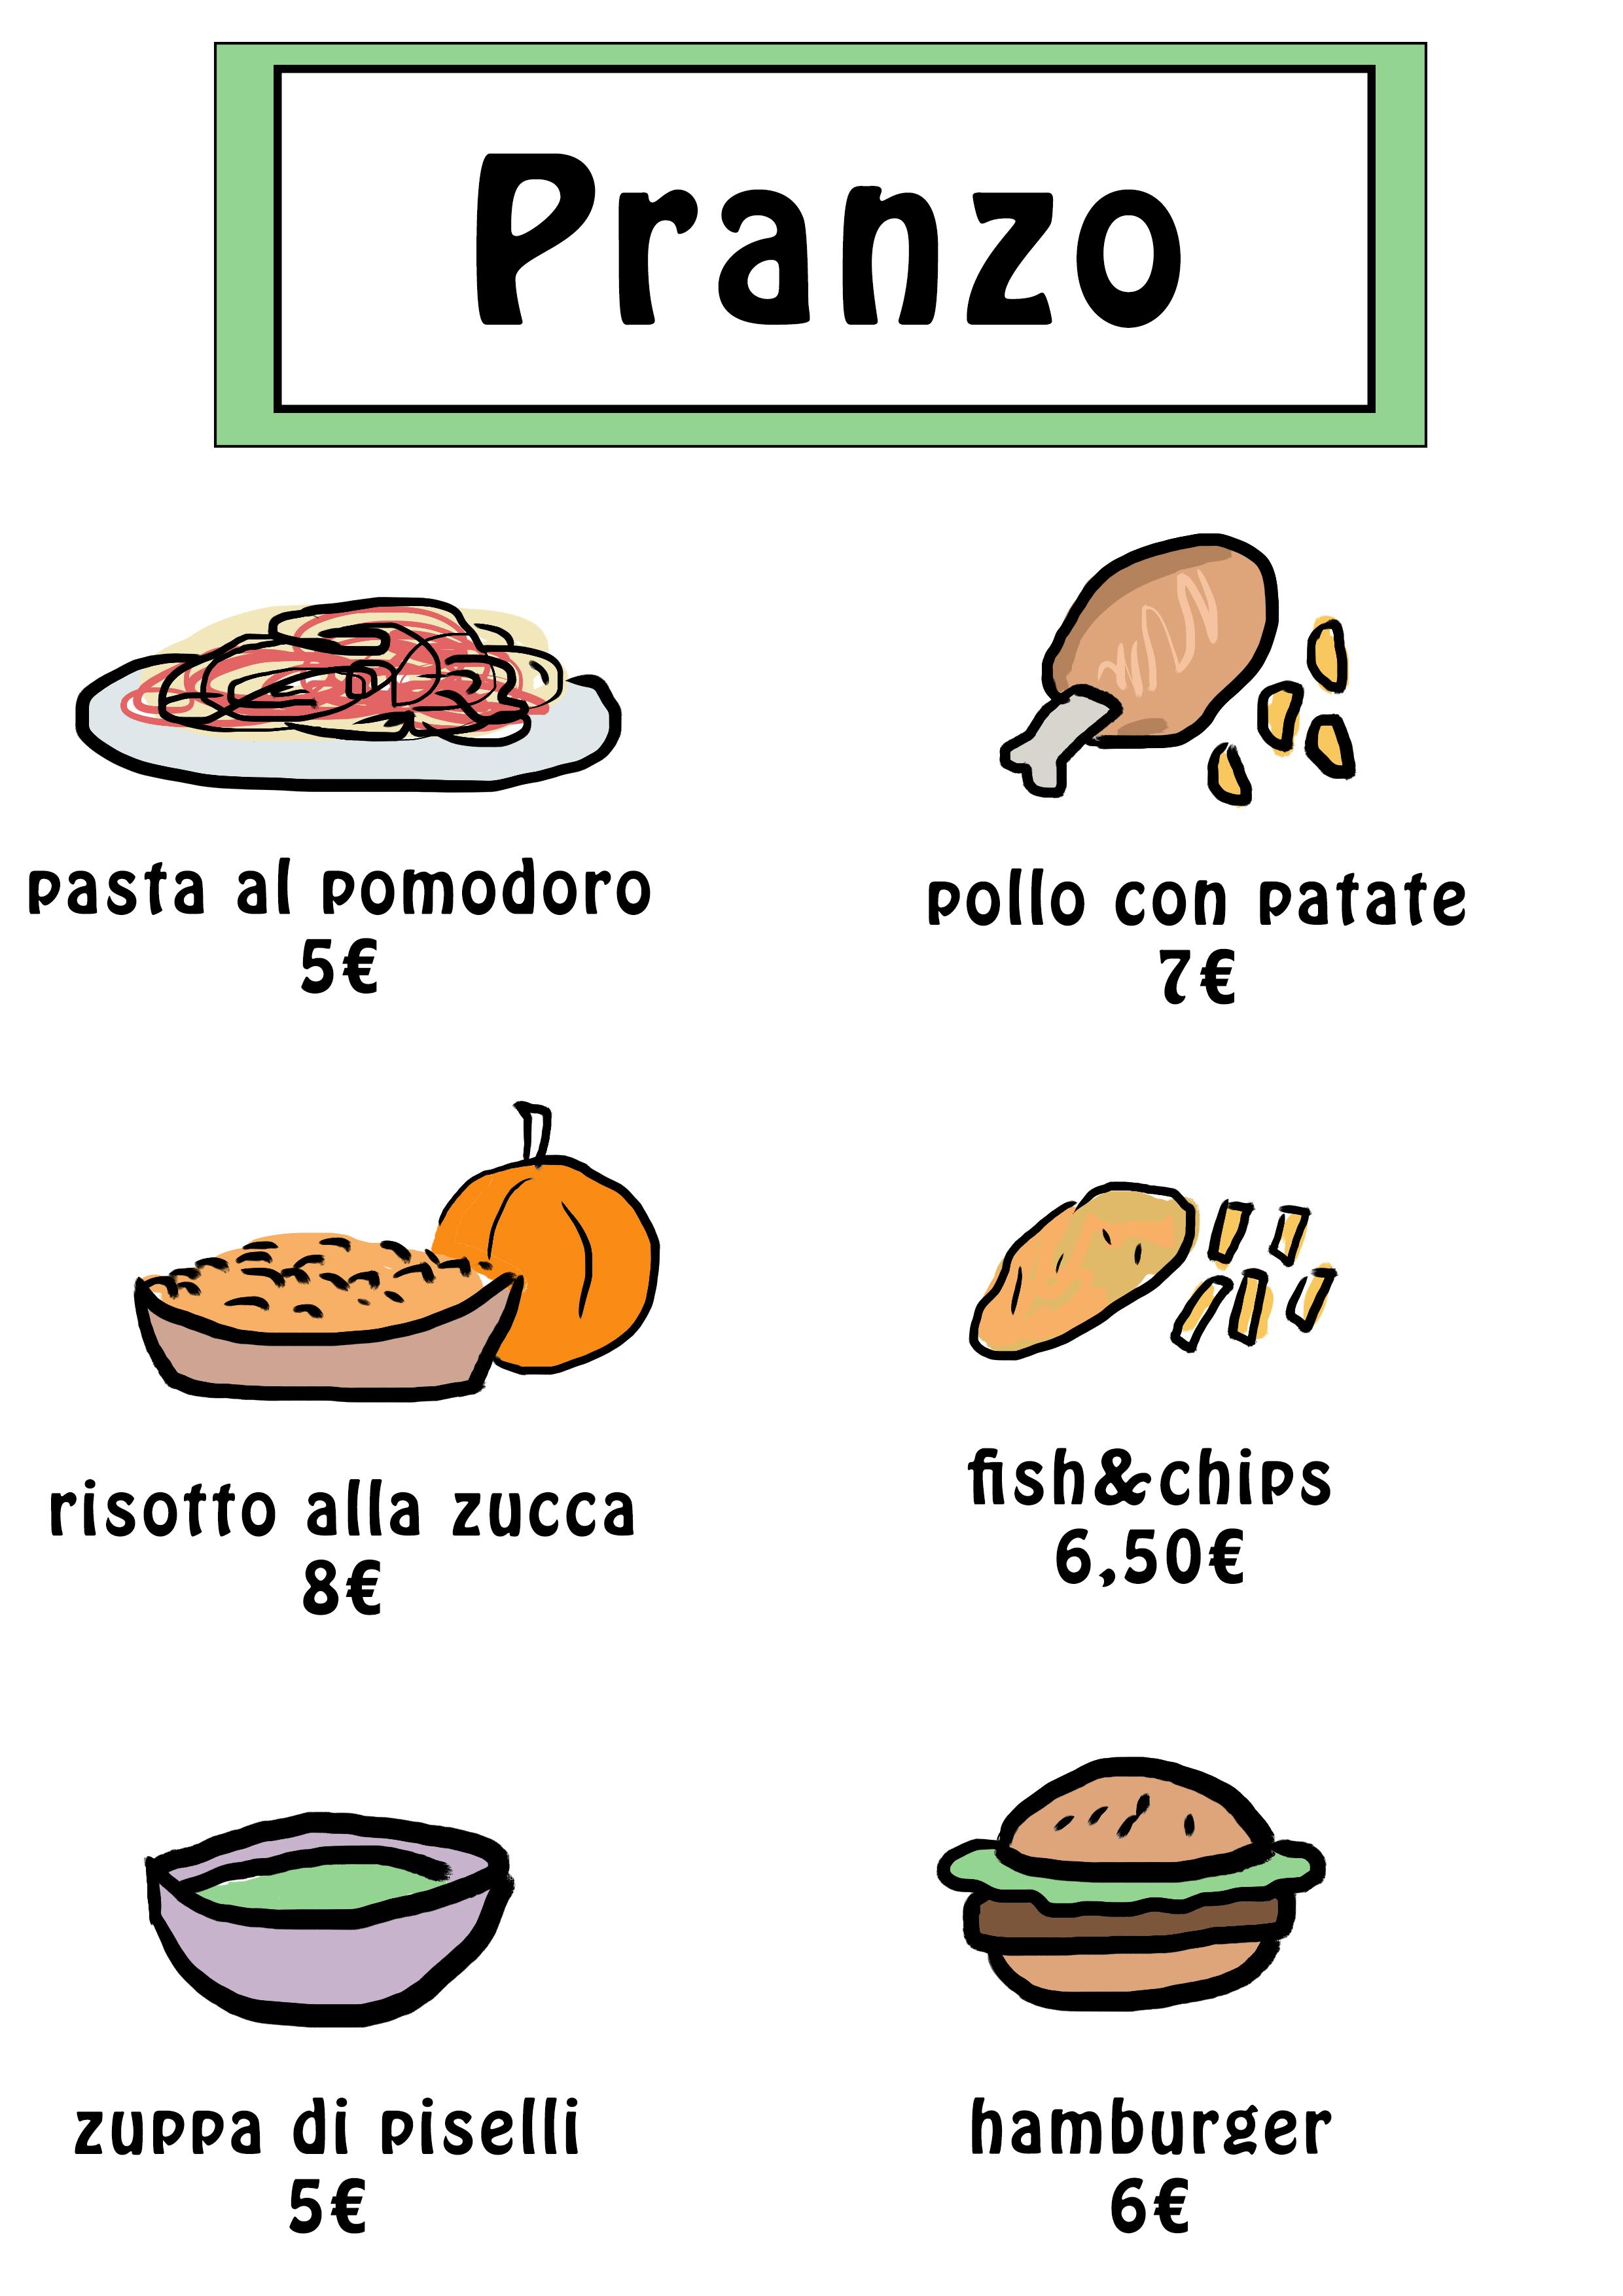 menu-pranzo-ristorante